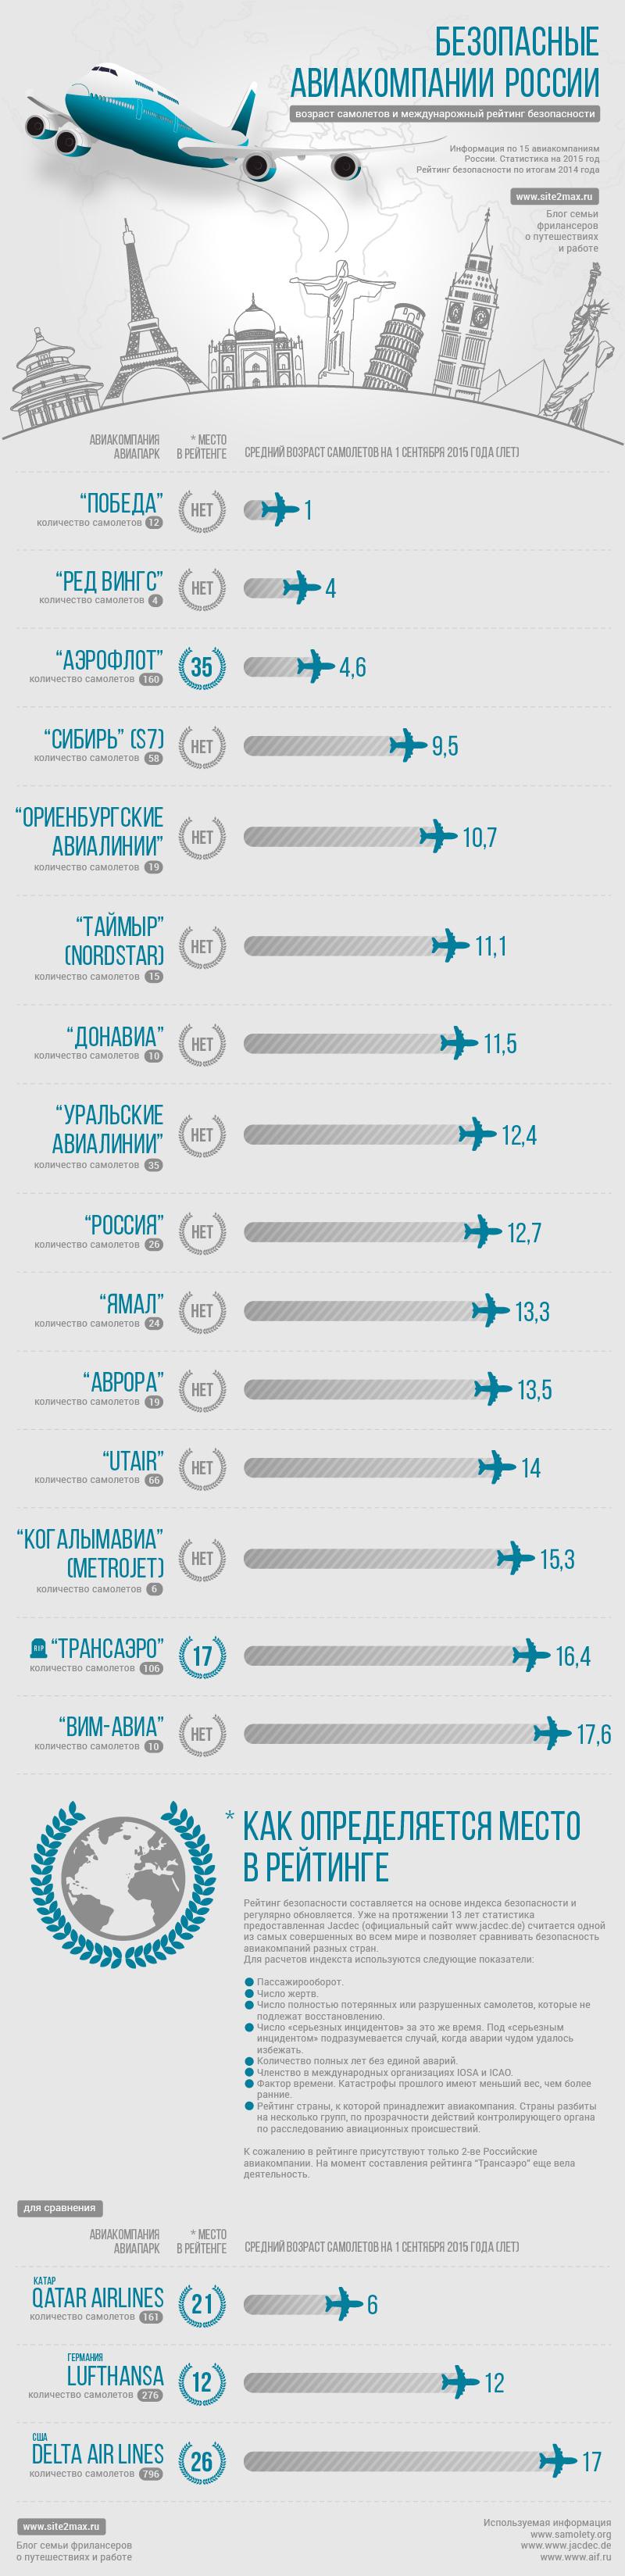 Безопасные авиакомпании России